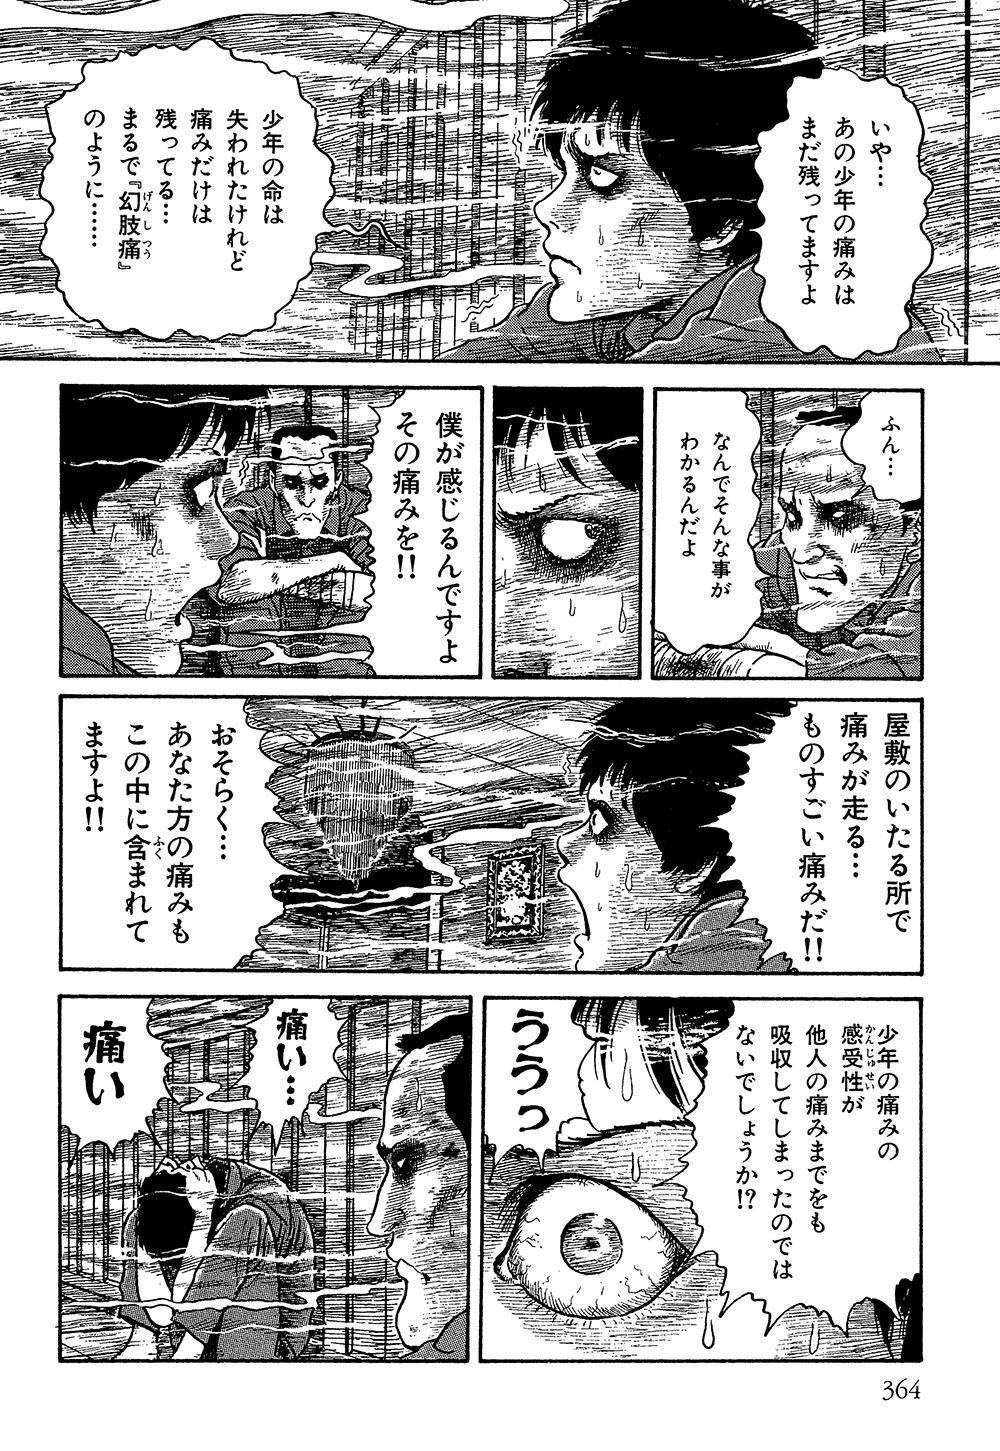 itouj_0004_0366.jpg